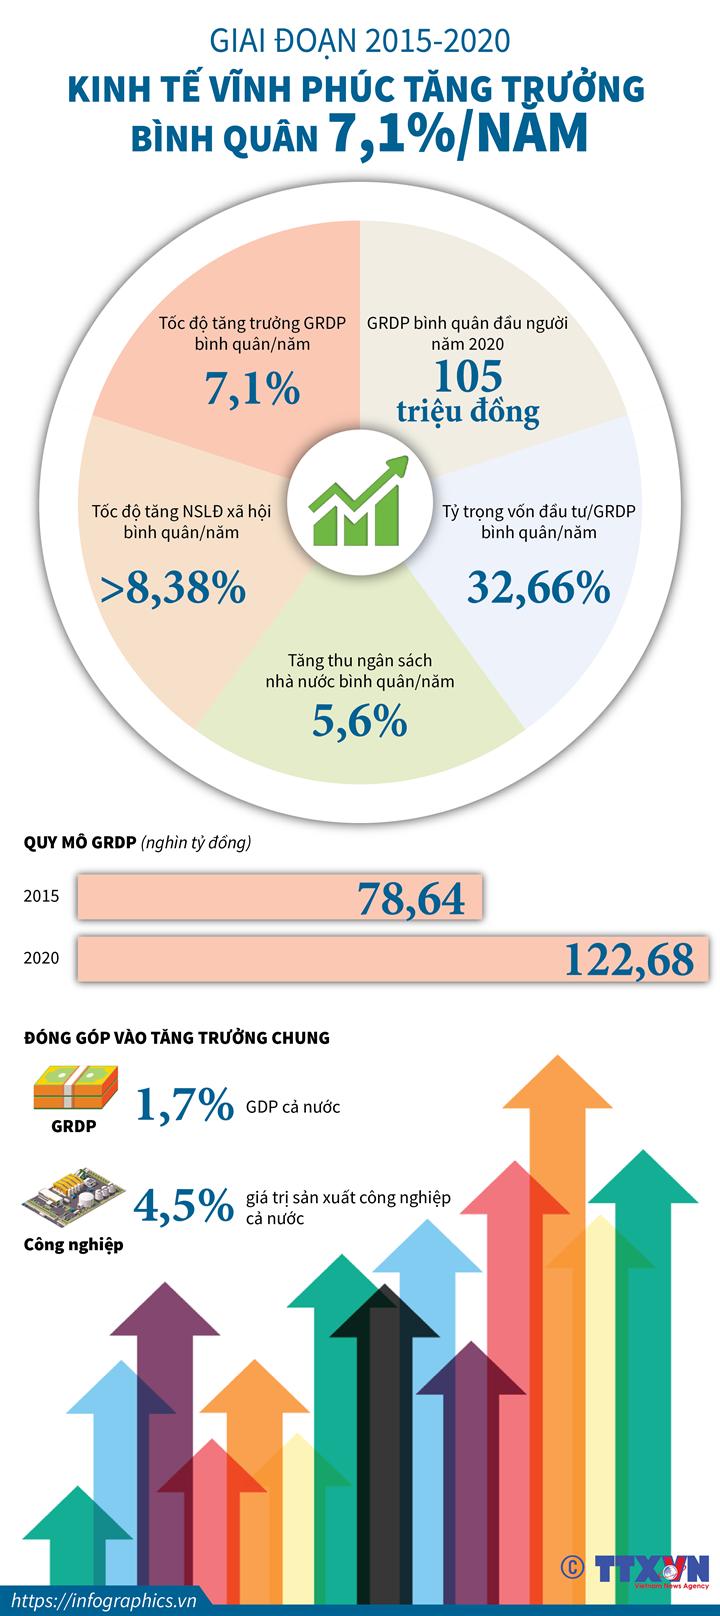 Giai đoạn 2015-2020: Kinh tế Vĩnh Phúc tăng trưởng bình quân 7,1%/năm